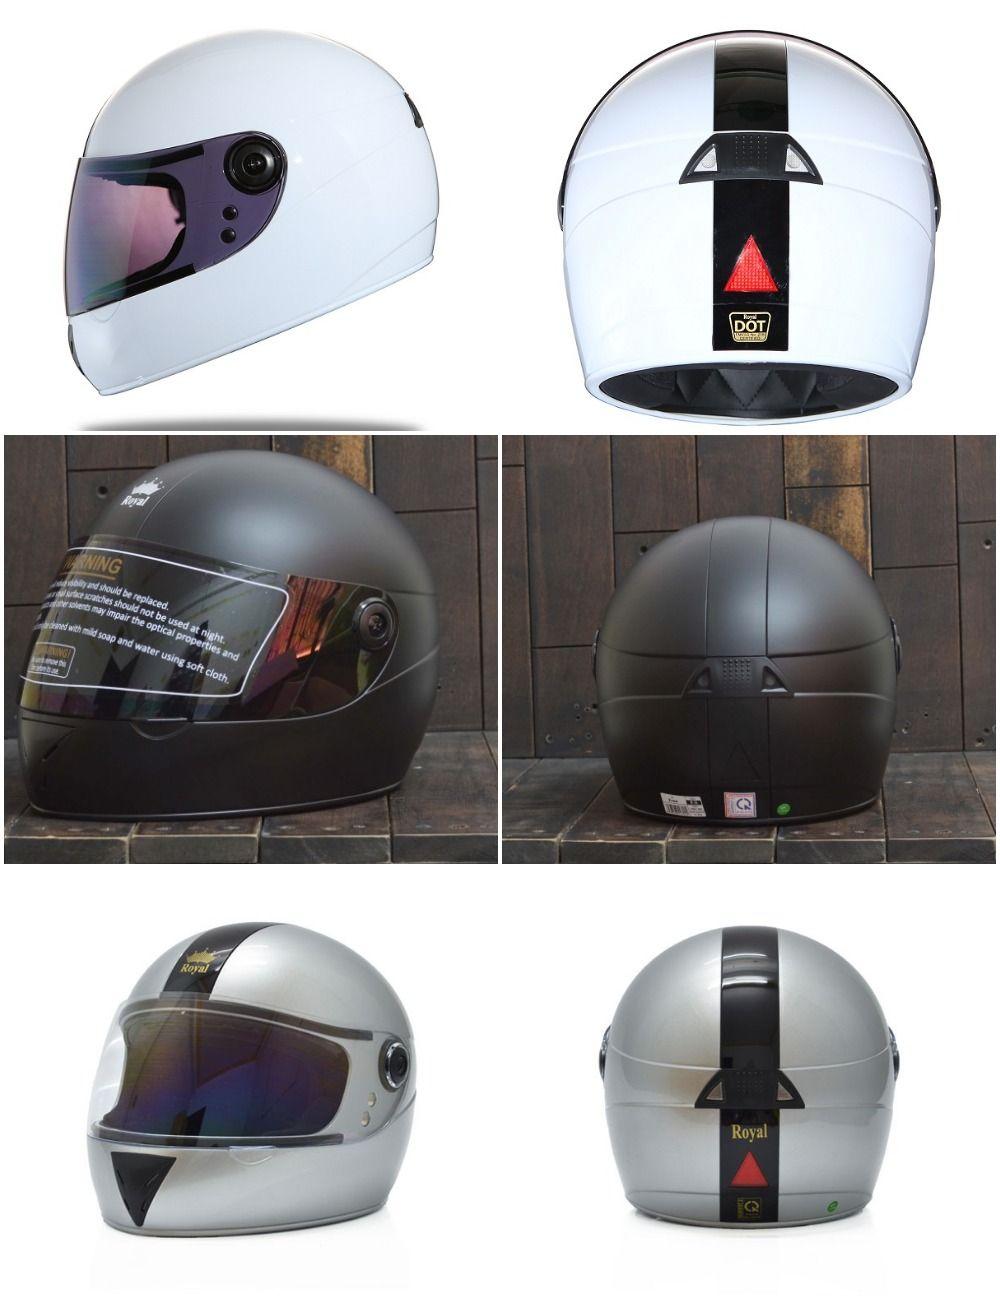 Mũ bảo hiểm nguyên đầu Royal M02 có nhiều màu sắc cho bạn lựa chọn